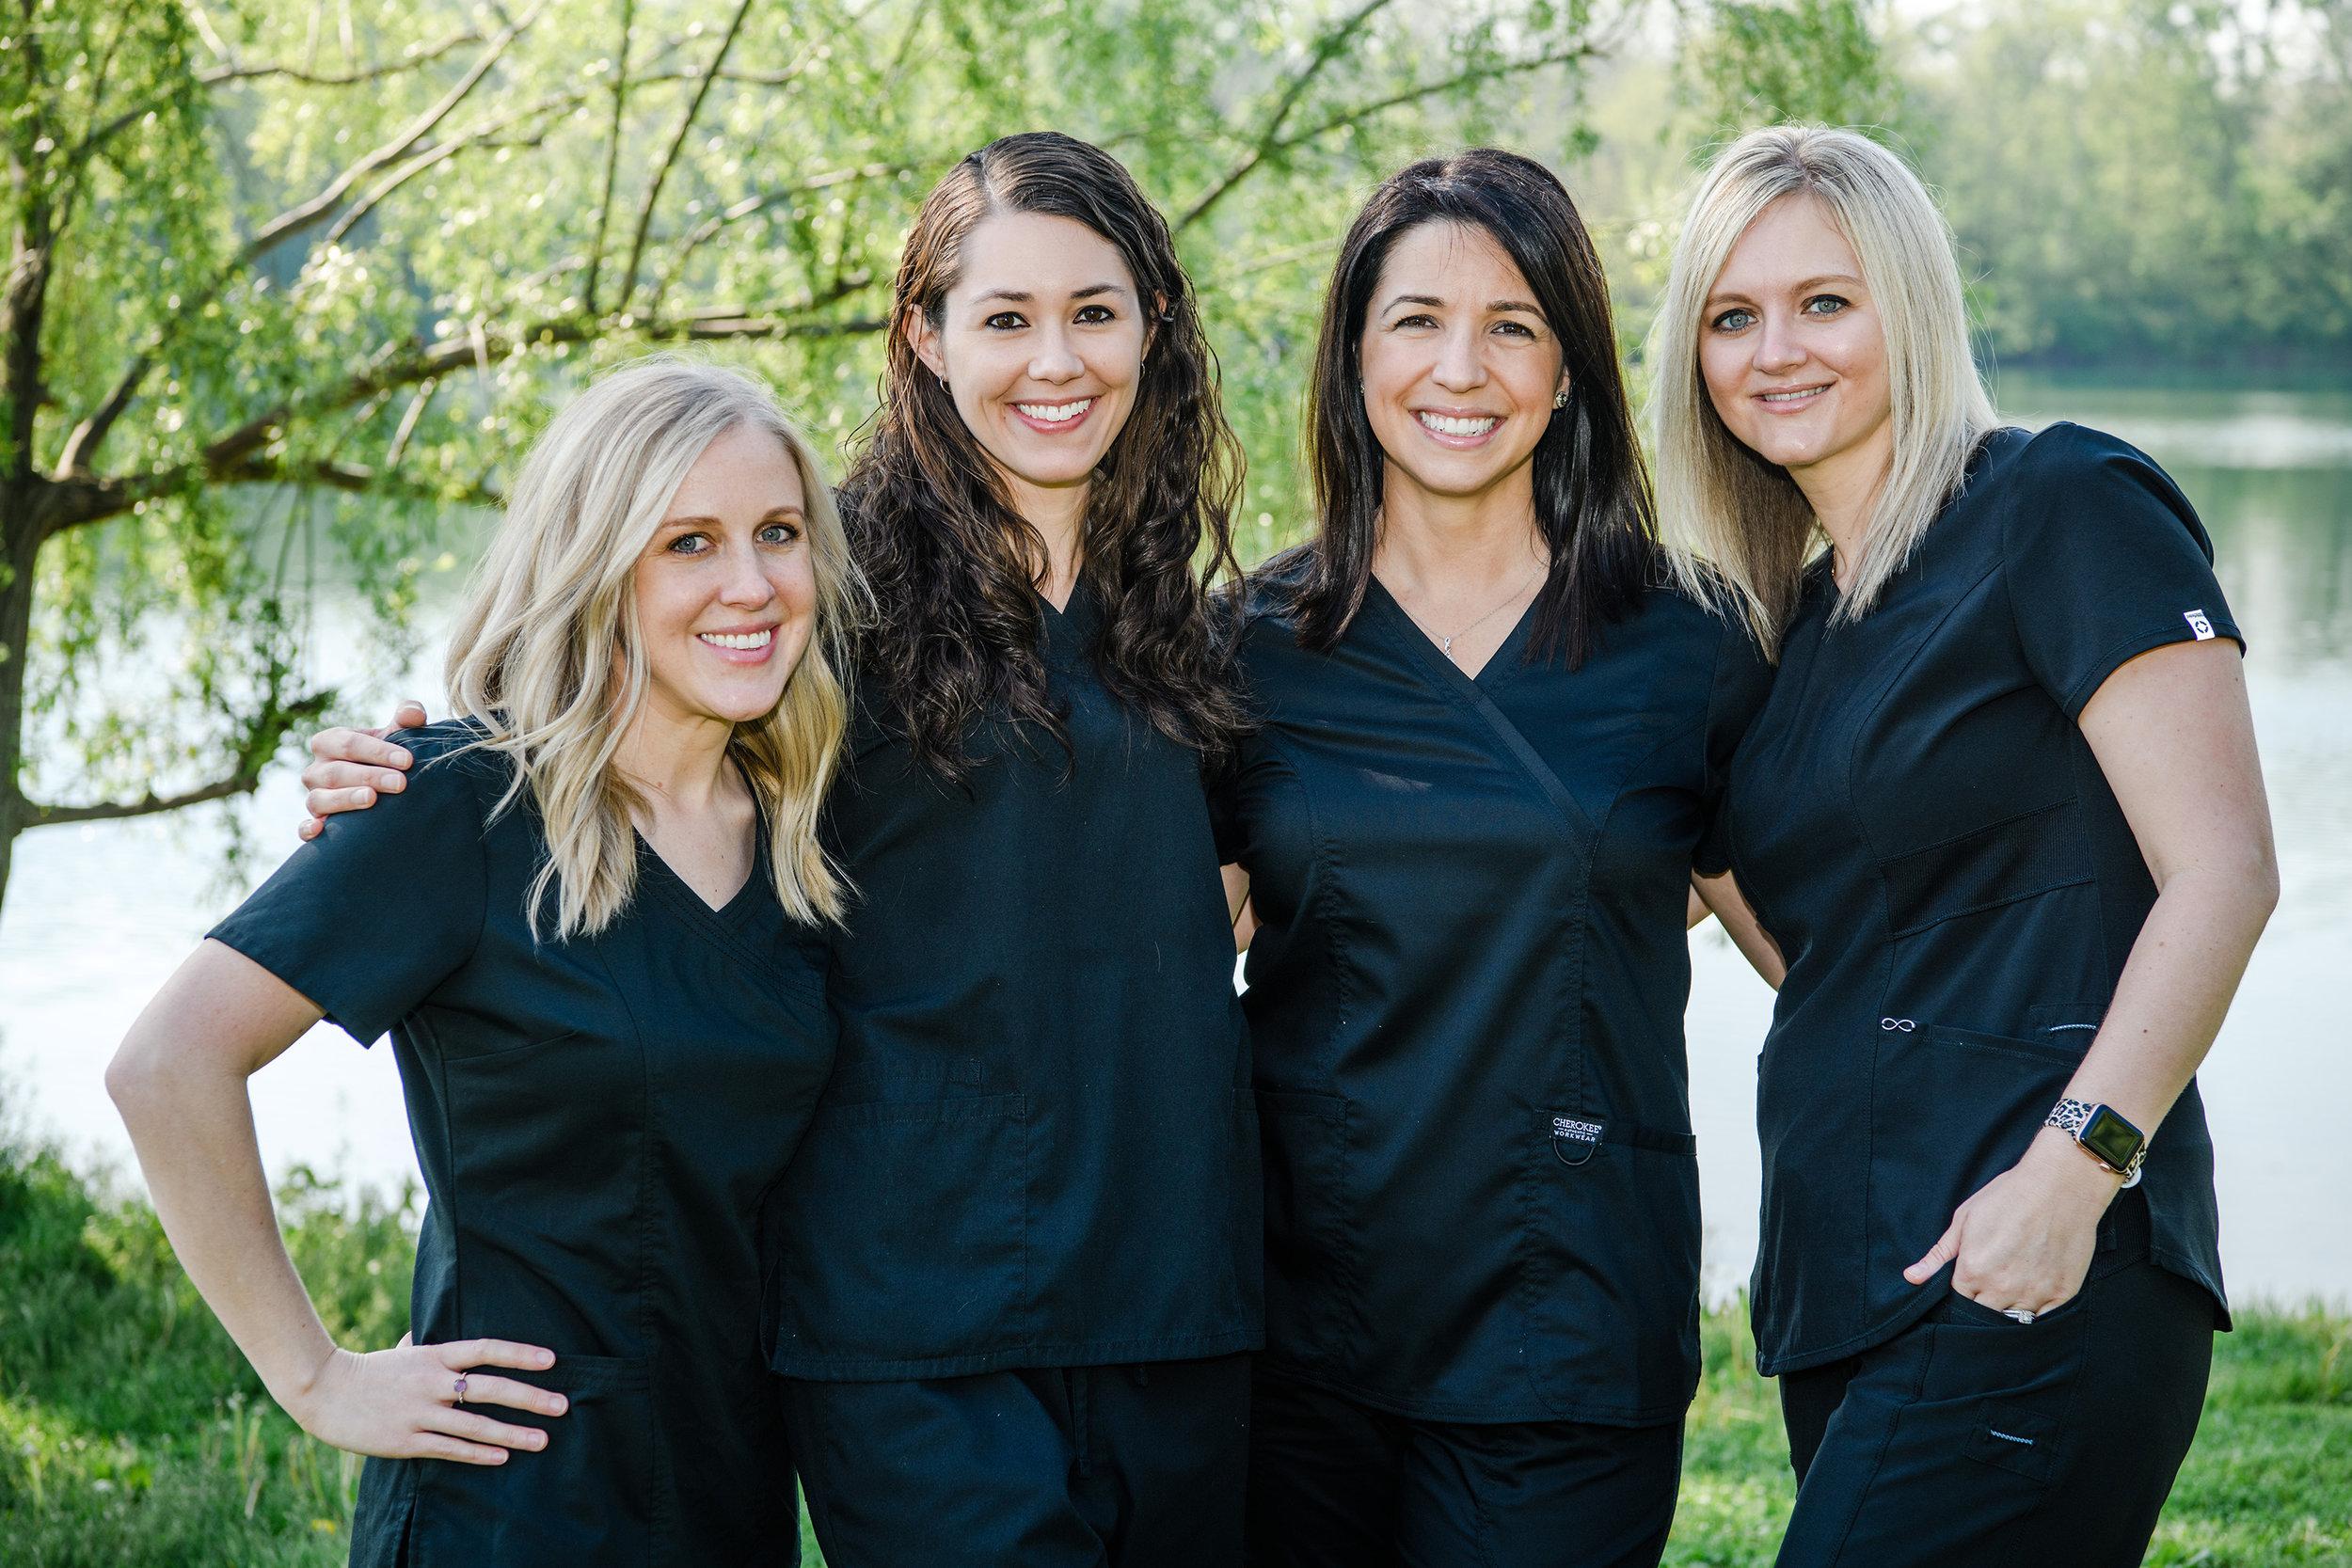 C190516-Linworth-Family-Dental-020.jpg